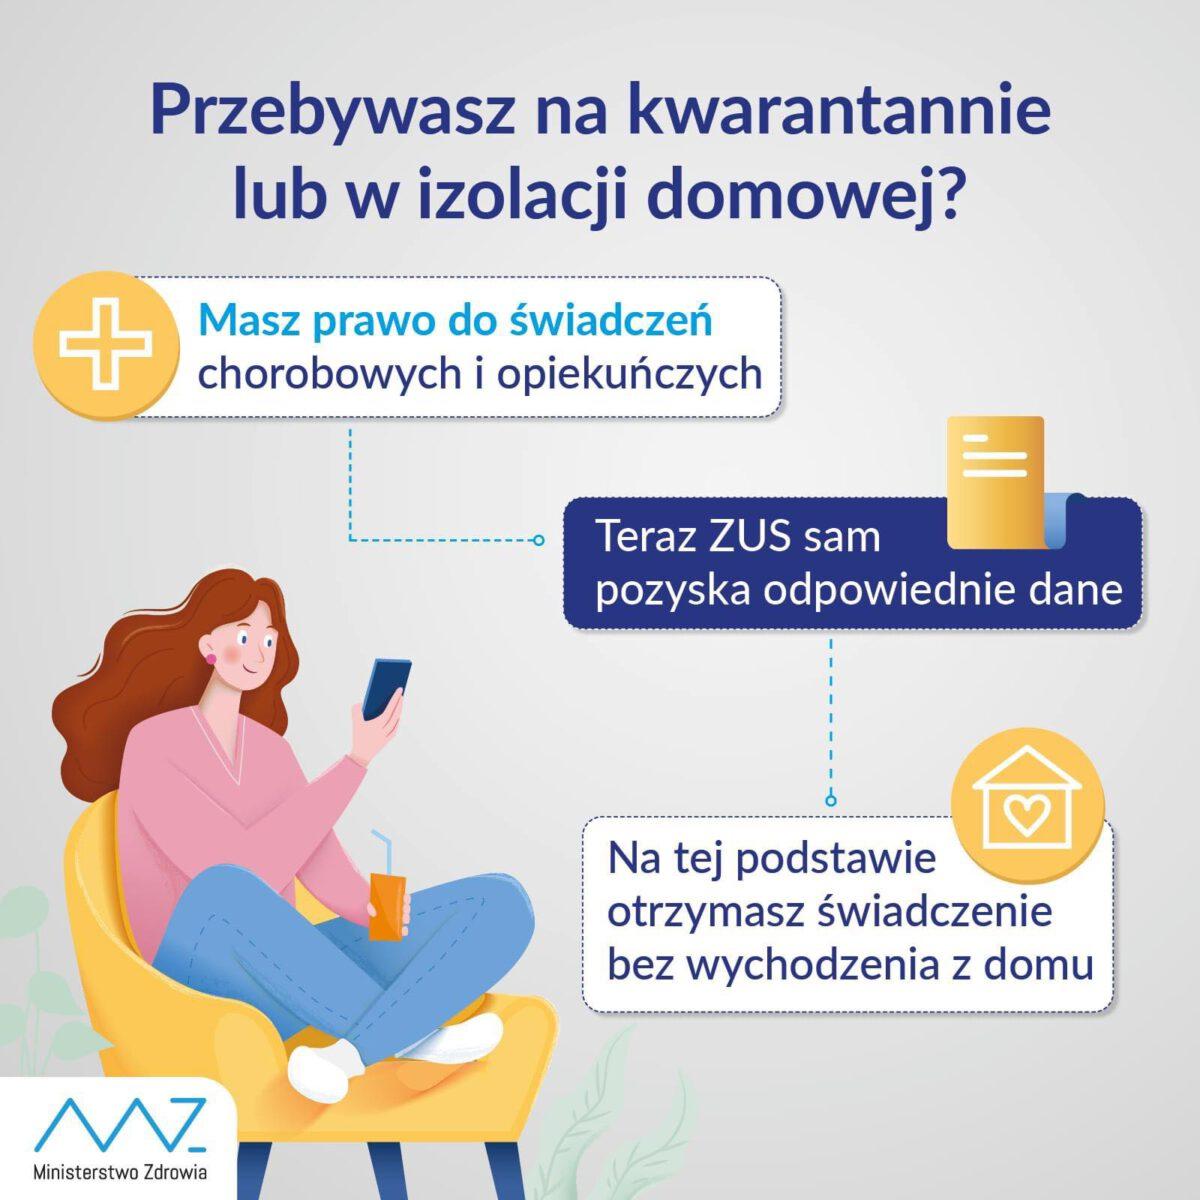 Kwarantanna - grafika informacyjna Ministerstwa Zdrowia